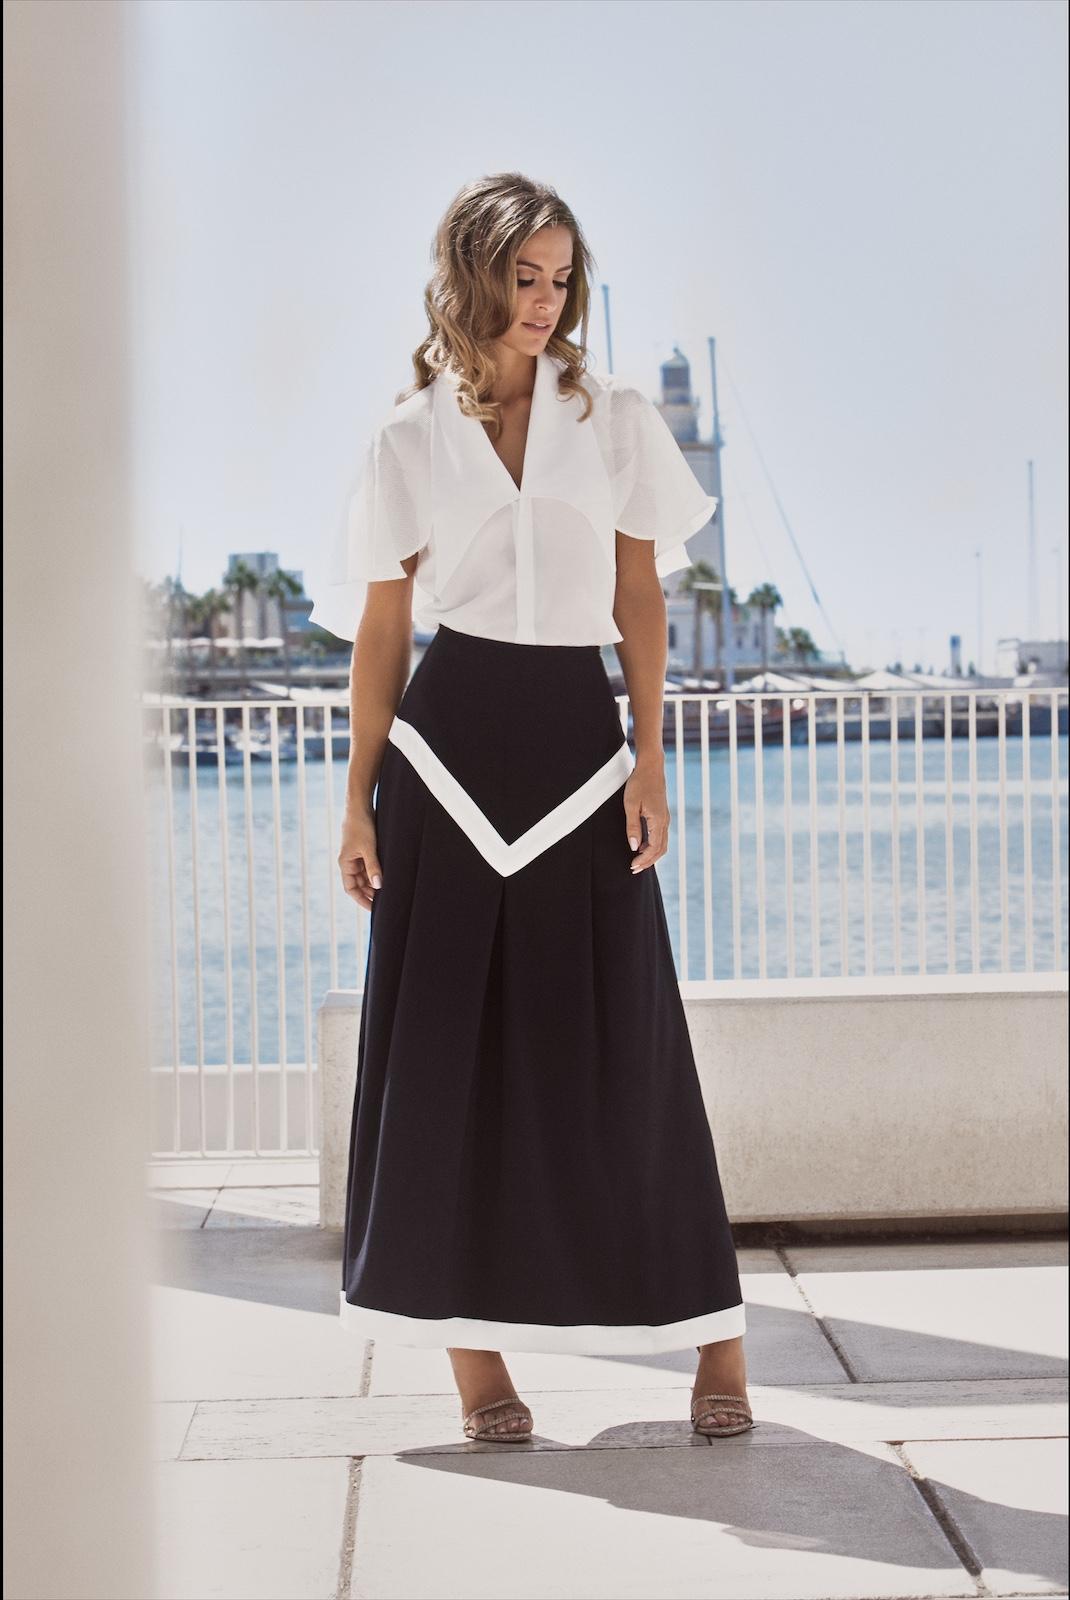 Riviera Top / Nautical Skirt